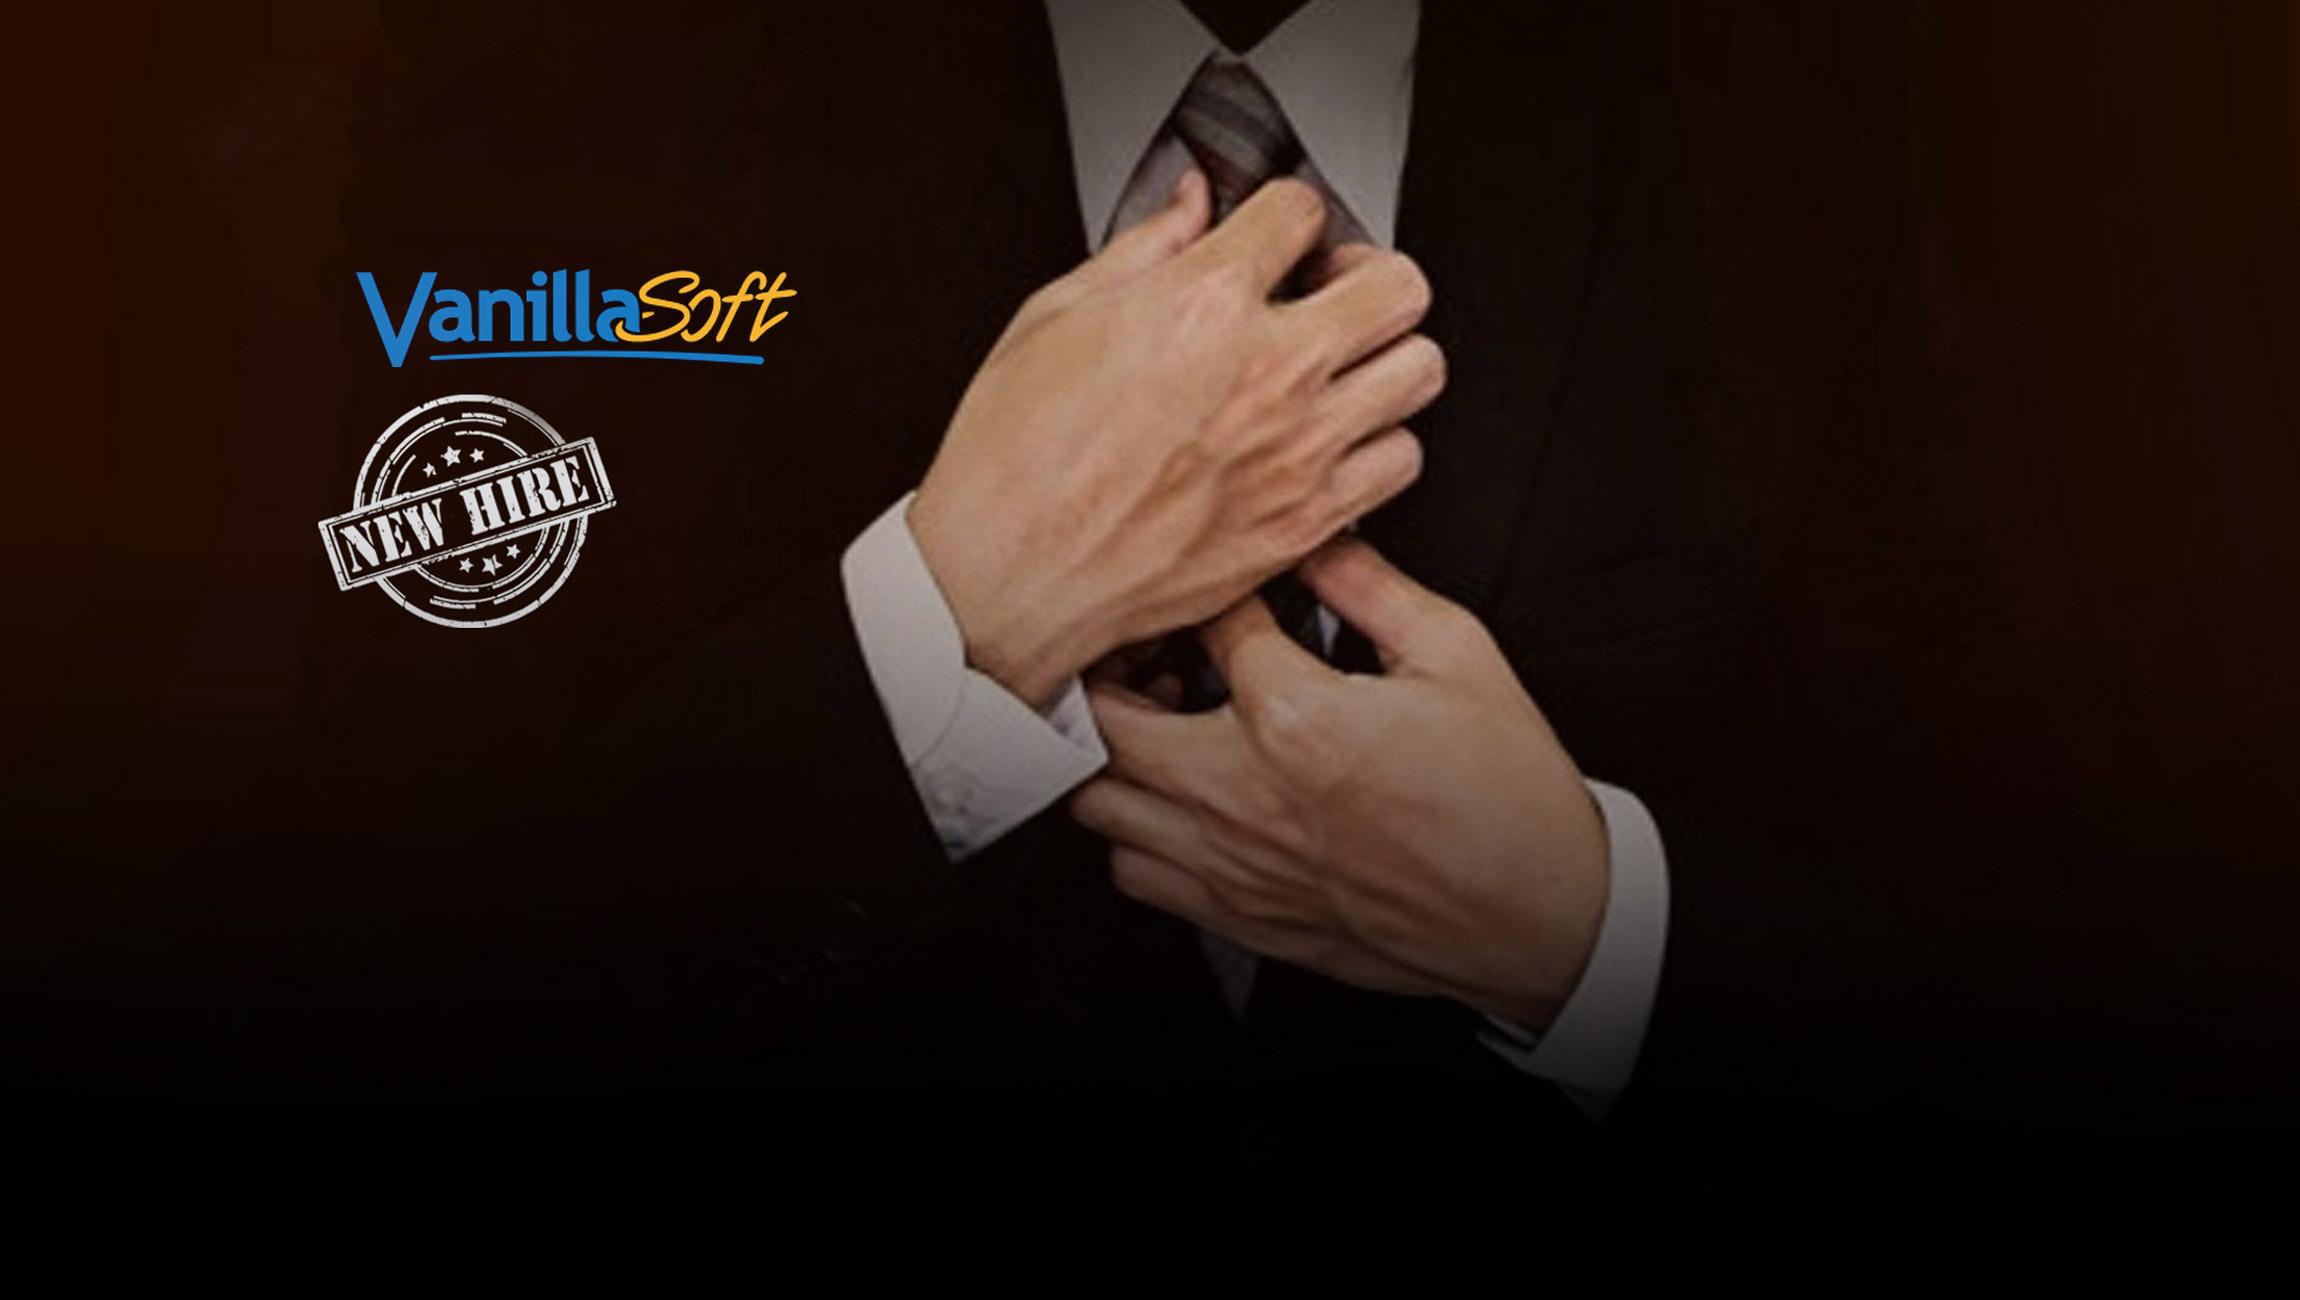 VanillaSoft Appoints Darryl Praill as Chief Revenue Officer